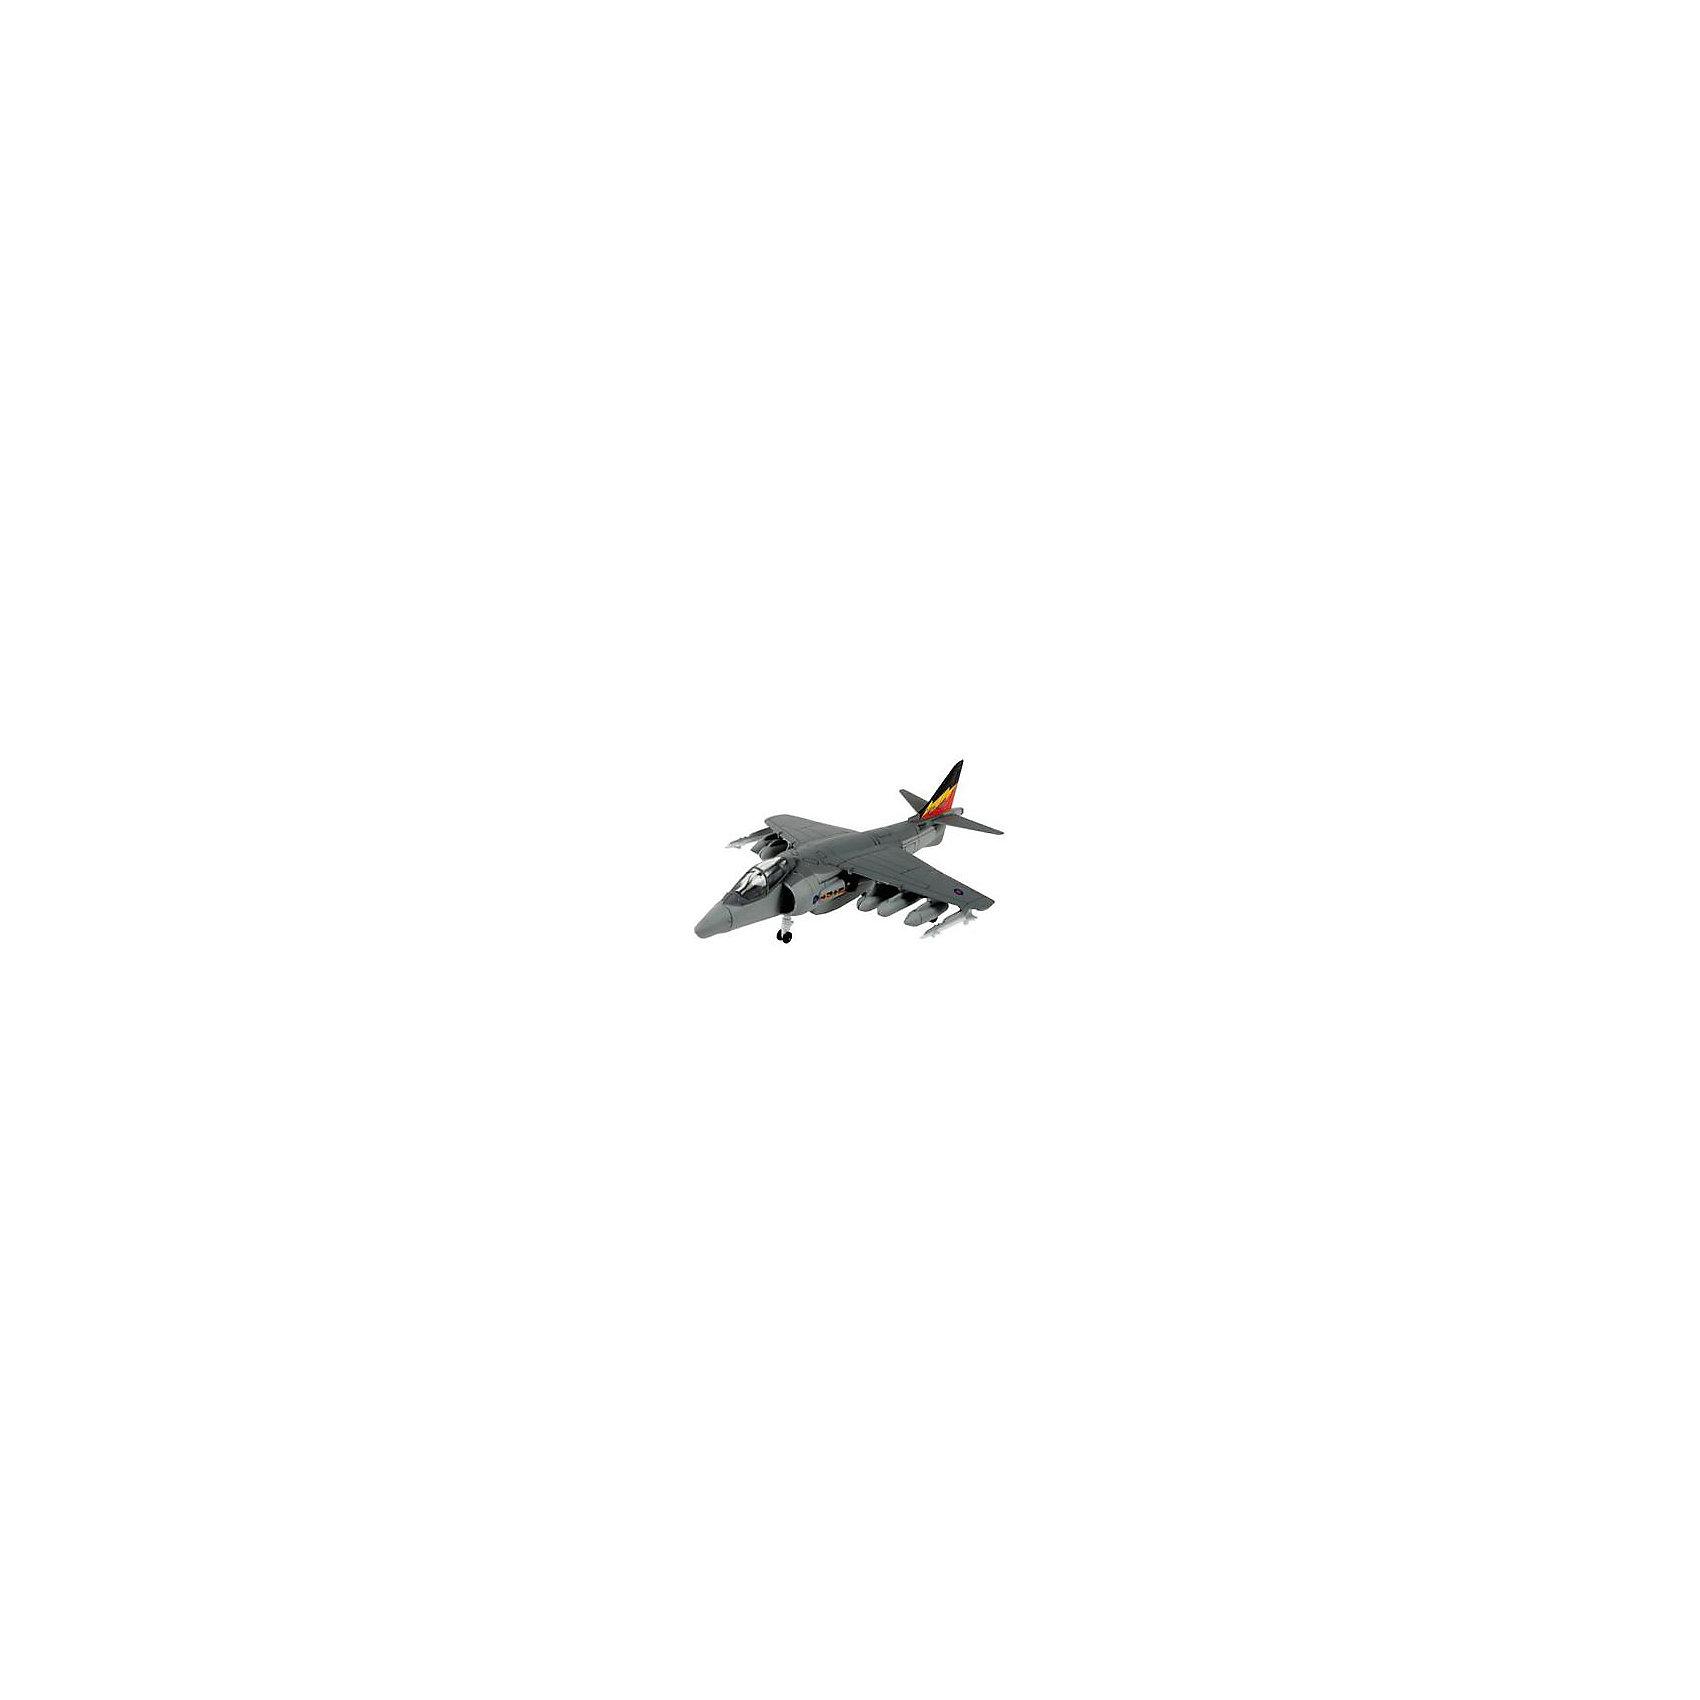 Сборка Самолет Штурмовик Hawker Harrier, британскийМодели для склеивания<br>Сборная модель американского самолета BAe Harrier Gr.9.  Модель представляет собой набор уже окрашенных деталей. Для сборки вам не понадобится и клей. Все детали соединяются посредством специальных зажимов.  Такая модель идеально подойдет для первого знакомства со стендовым моделизмом. <br>BAe Harrier Gr.9 до сих пор является самым массовым самолетом с вертикальным взлетом.  В течение следующих нескольких лет он будет поставляться в части ВМС США и ряд армий стран НАТО.  <br>Длина модели: 140 мм <br>Размах крыльев:  93 мм <br>Количество деталей:  35 <br>Рекомендуется для детей от 6 лет<br><br>Ширина мм: 243<br>Глубина мм: 158<br>Высота мм: 40<br>Вес г: 150<br>Возраст от месяцев: 96<br>Возраст до месяцев: 1188<br>Пол: Мужской<br>Возраст: Детский<br>SKU: 2412660